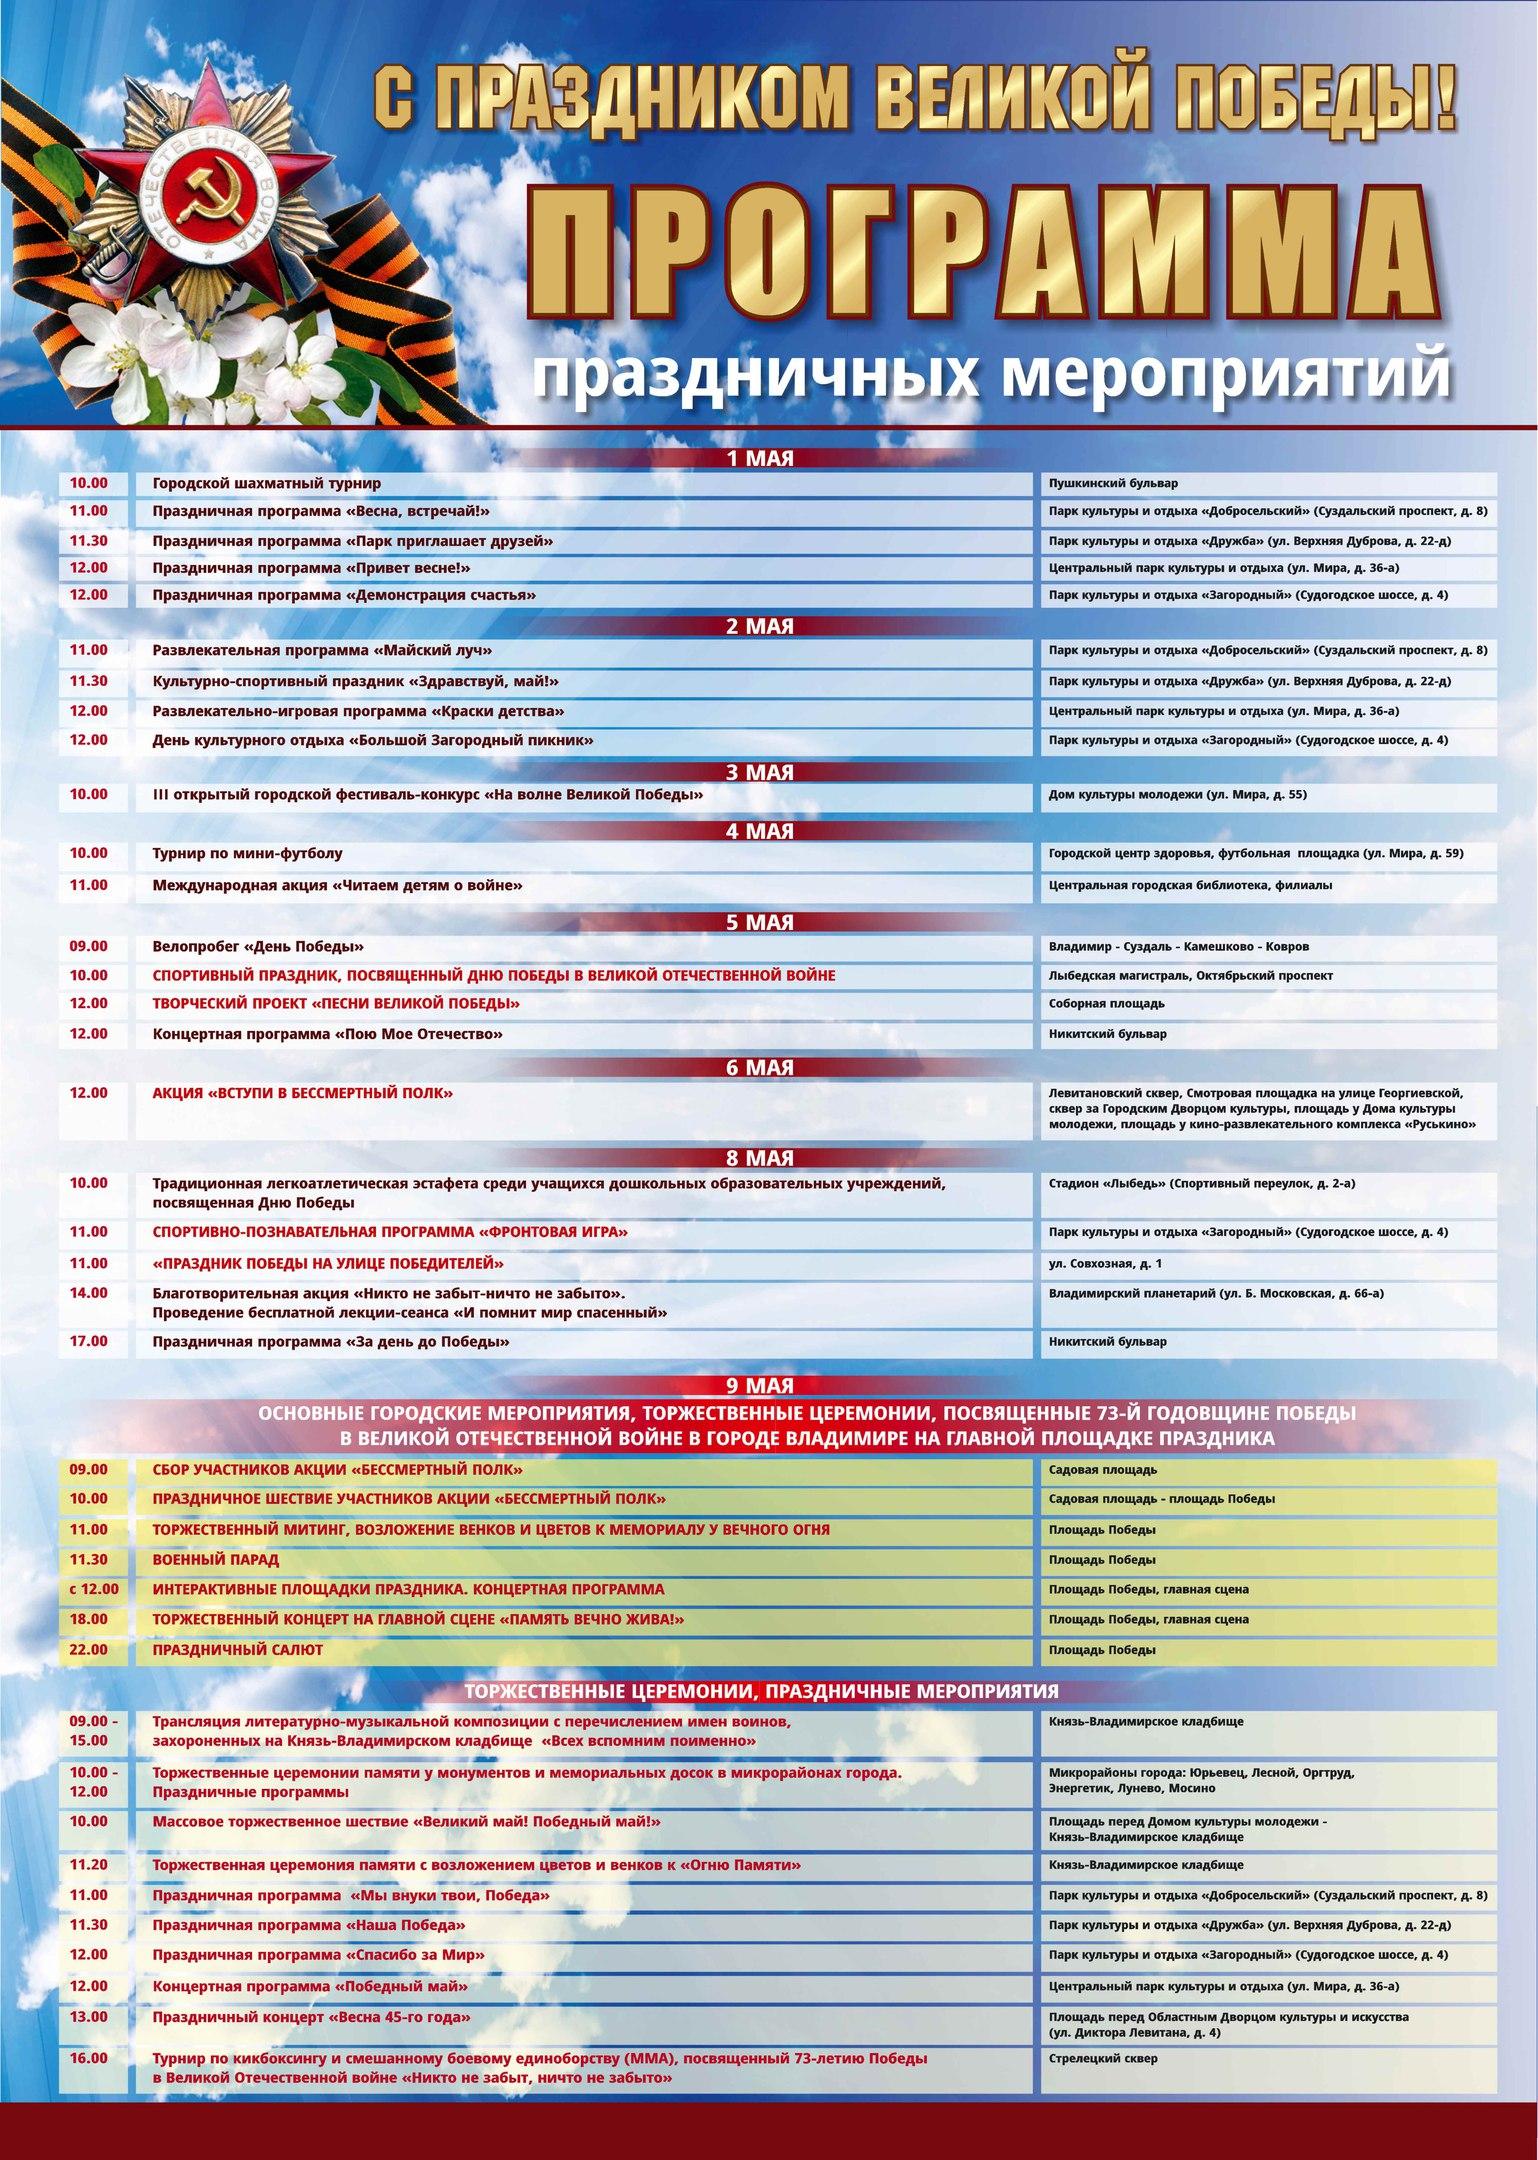 День Победы в Владимире 9 мая 2018 года – программа мероприятий, когда салют?